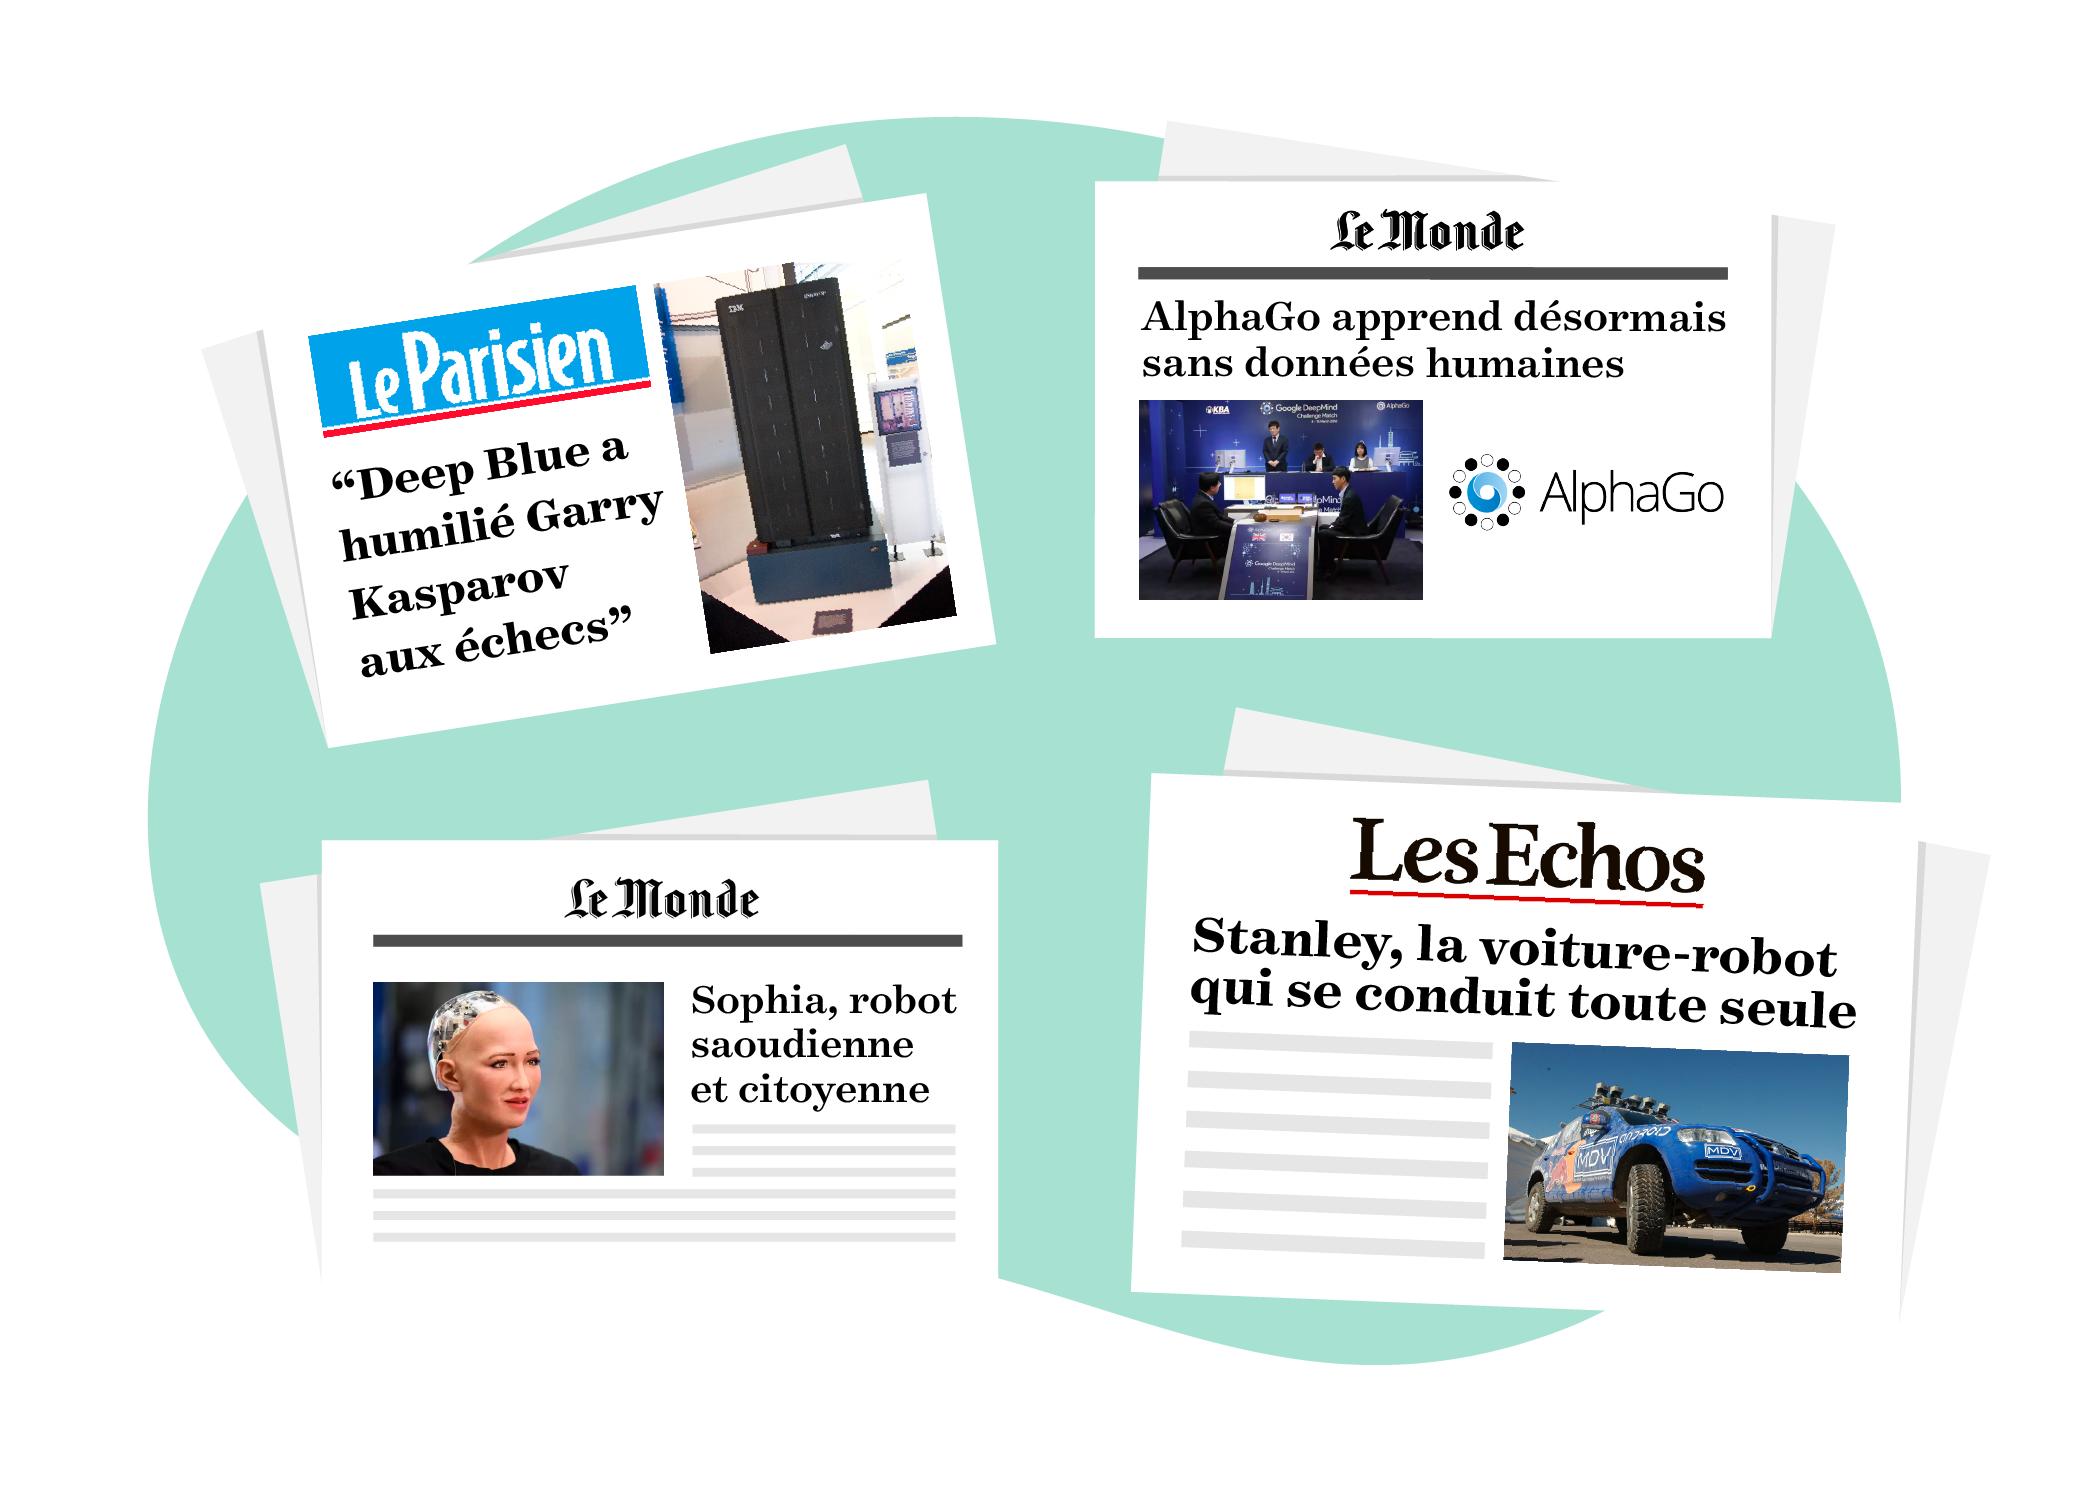 quelques titres de journaux sur des événements Deep Blue, AlphaGo, ou encore plus récemment Sophia d'Hanson Robotics ou les premières voitures autonomes